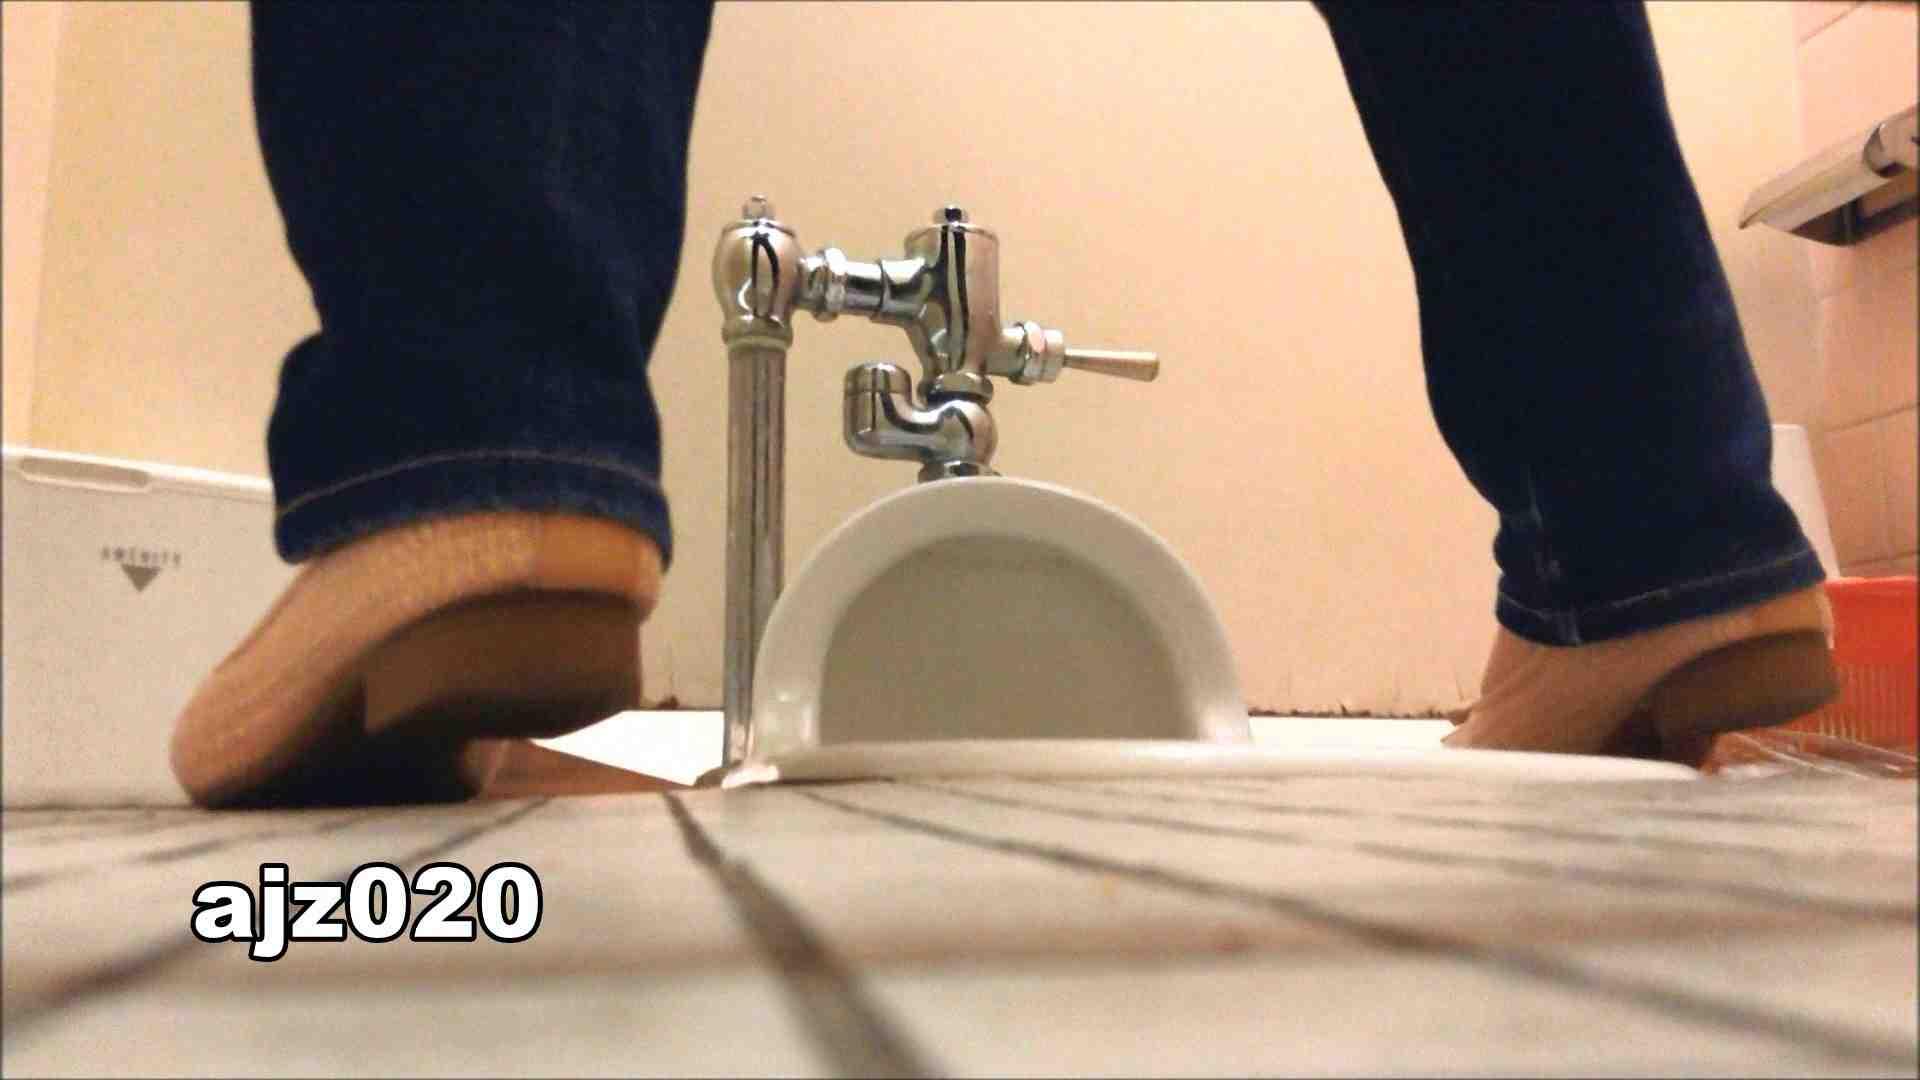 某有名大学女性洗面所 vol.20 洗面所  76PIX 72